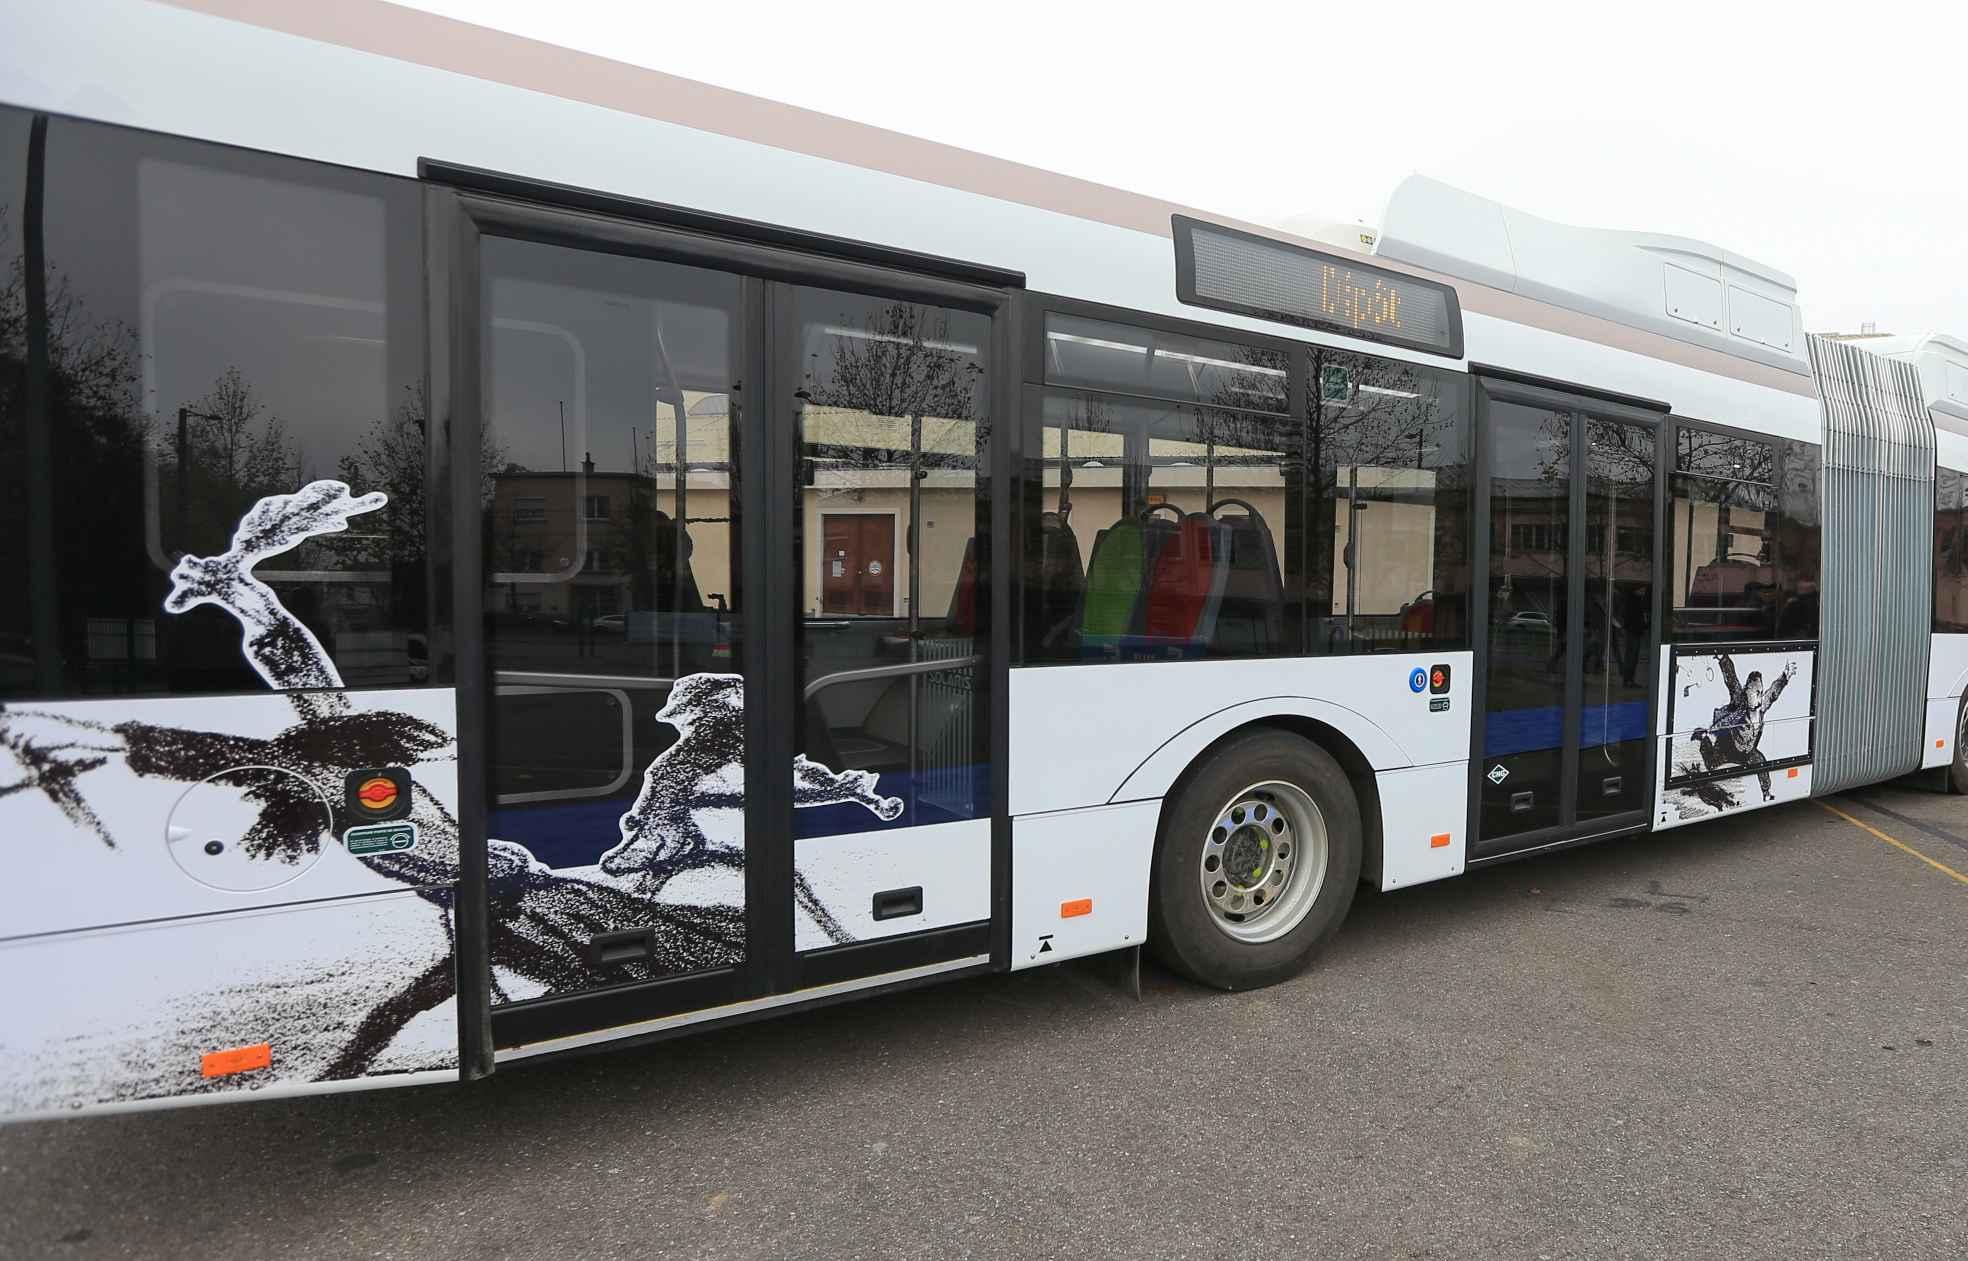 comment strasbourg veut faire de ses bus son nouveau tram. Black Bedroom Furniture Sets. Home Design Ideas